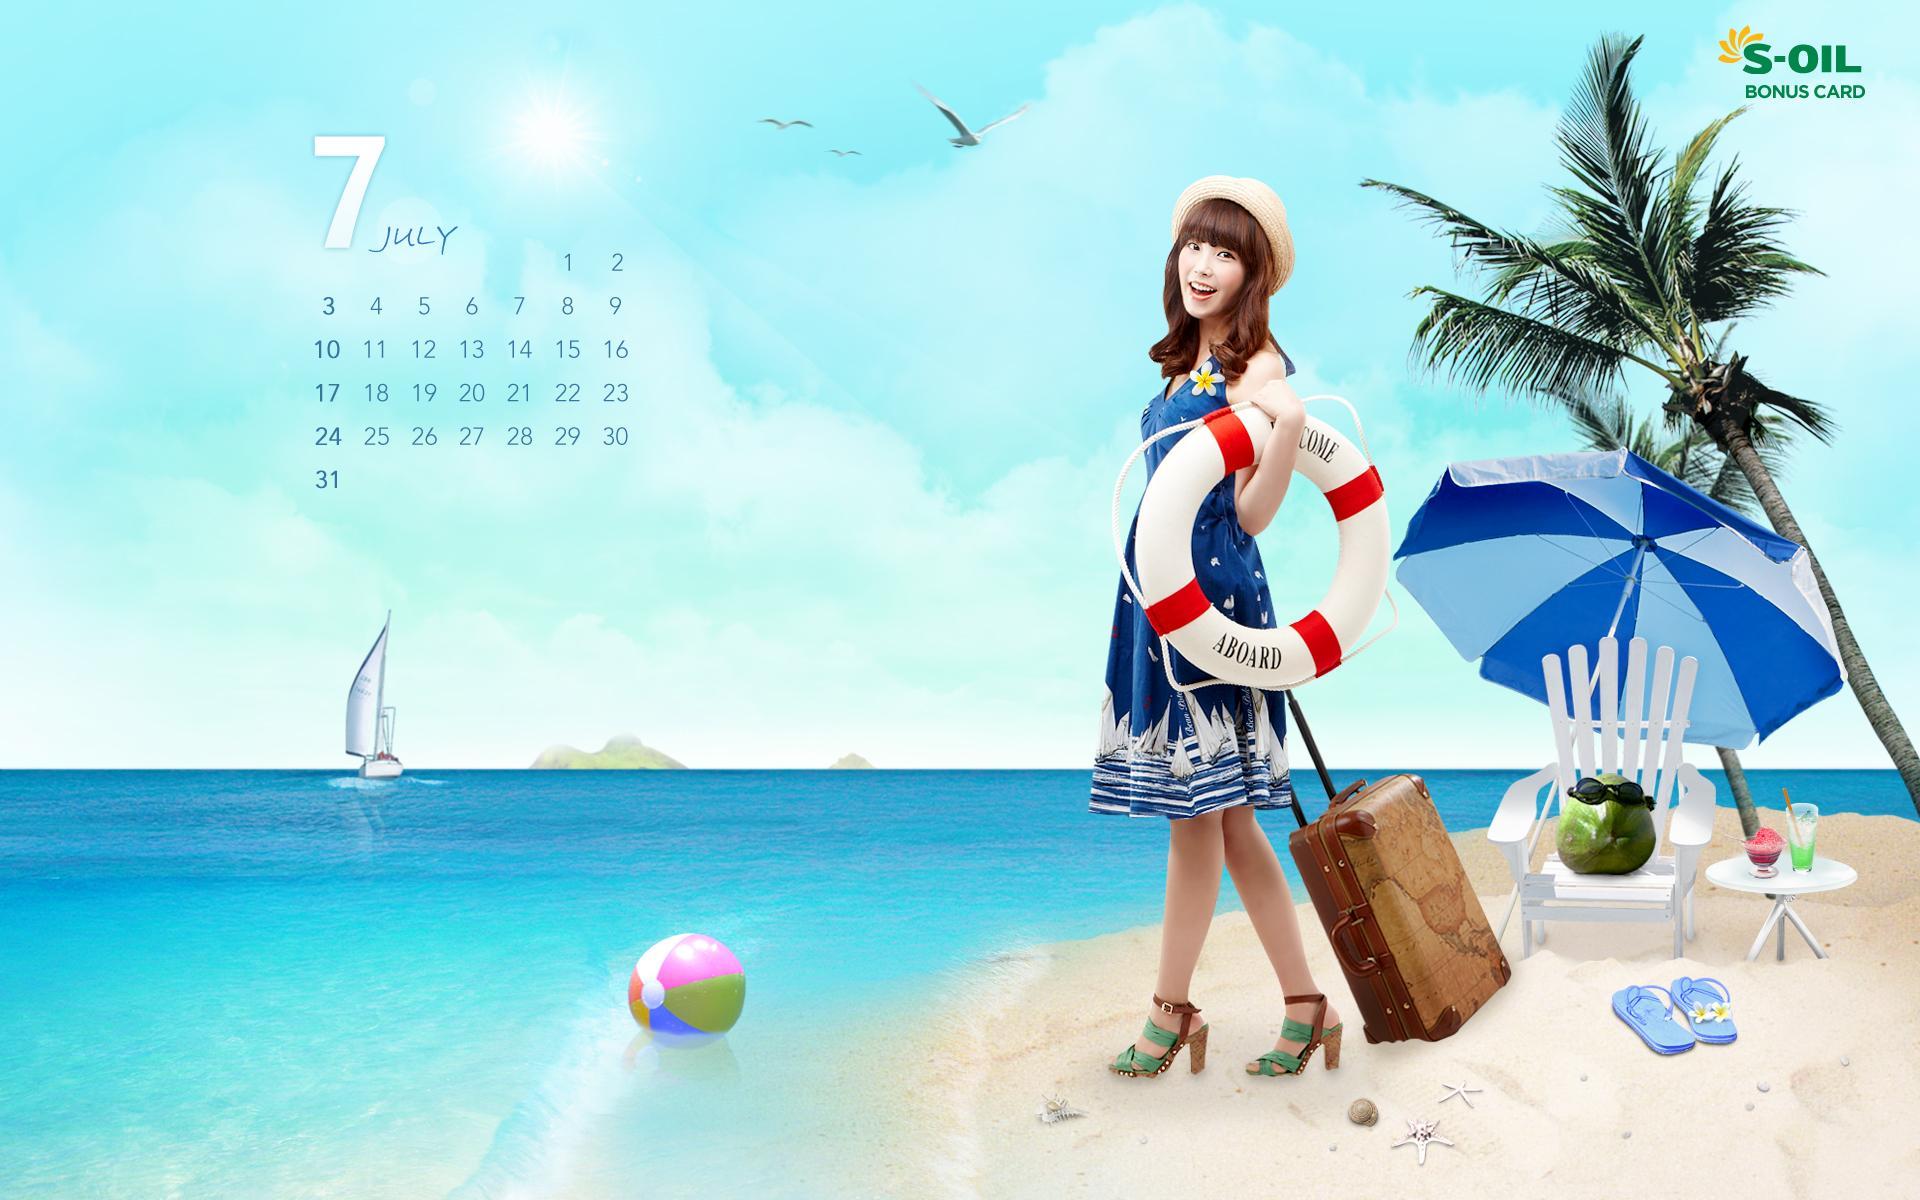 Wallpaper_201107_1920x1200a.jpg